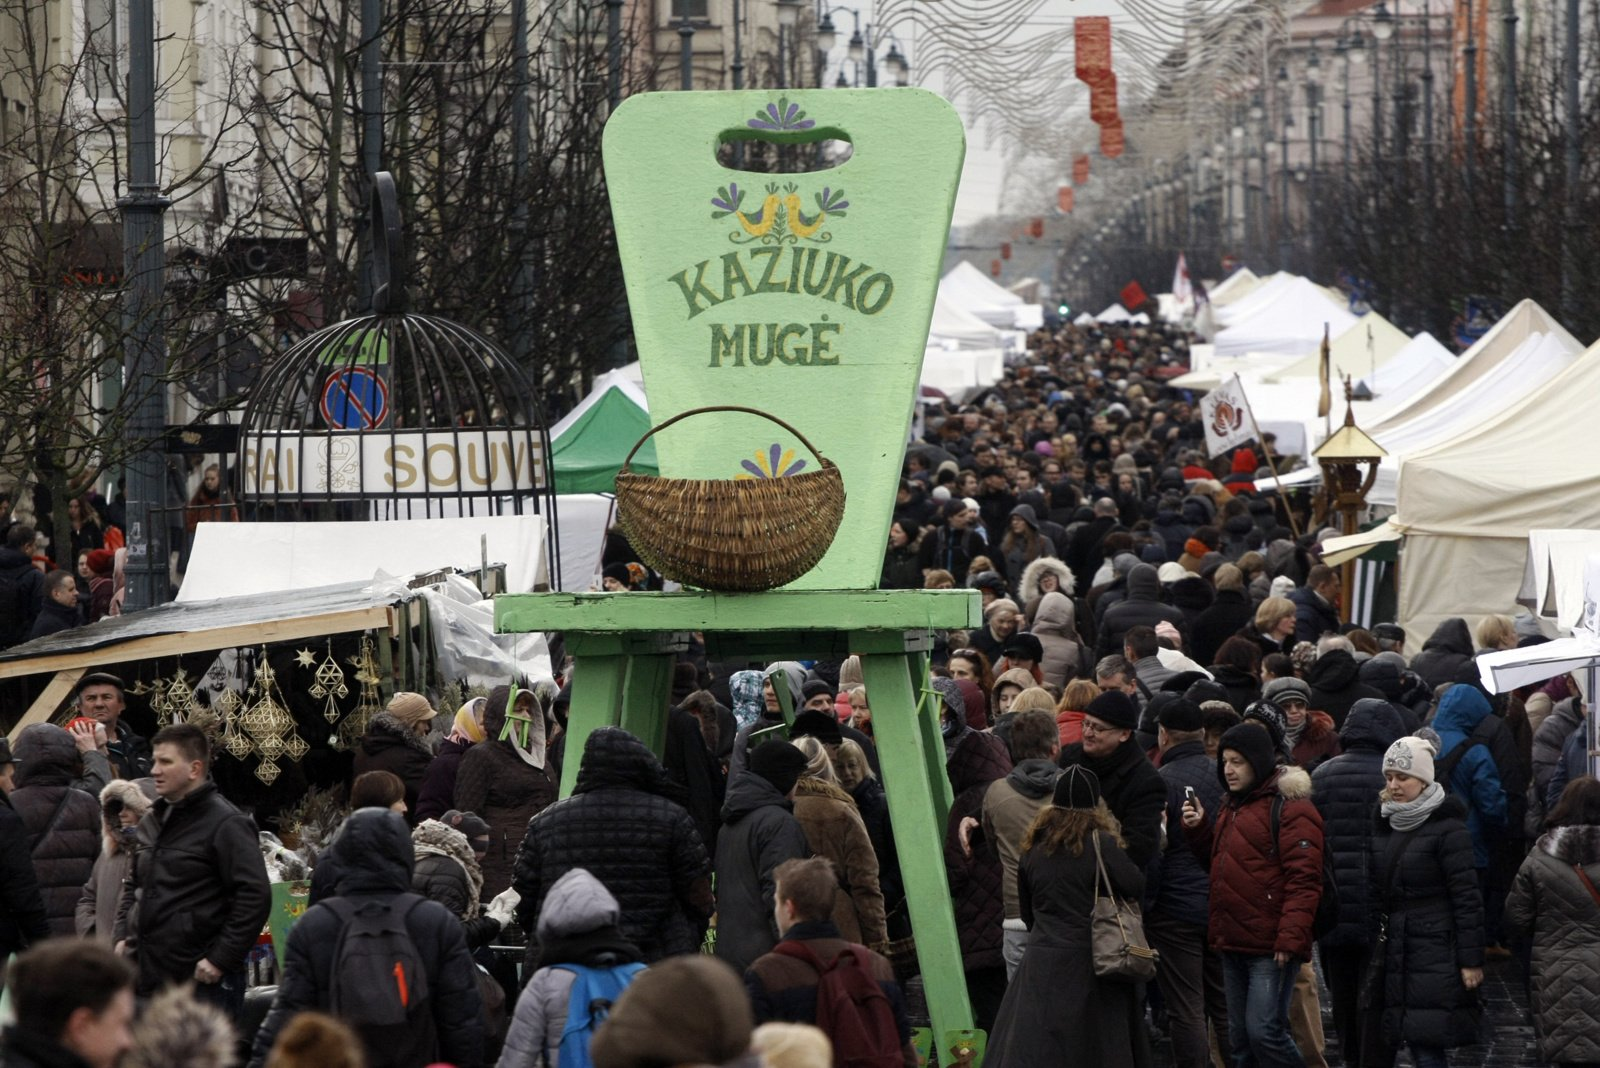 Vilniaus Kaziuko mugė šiemet vyks internete